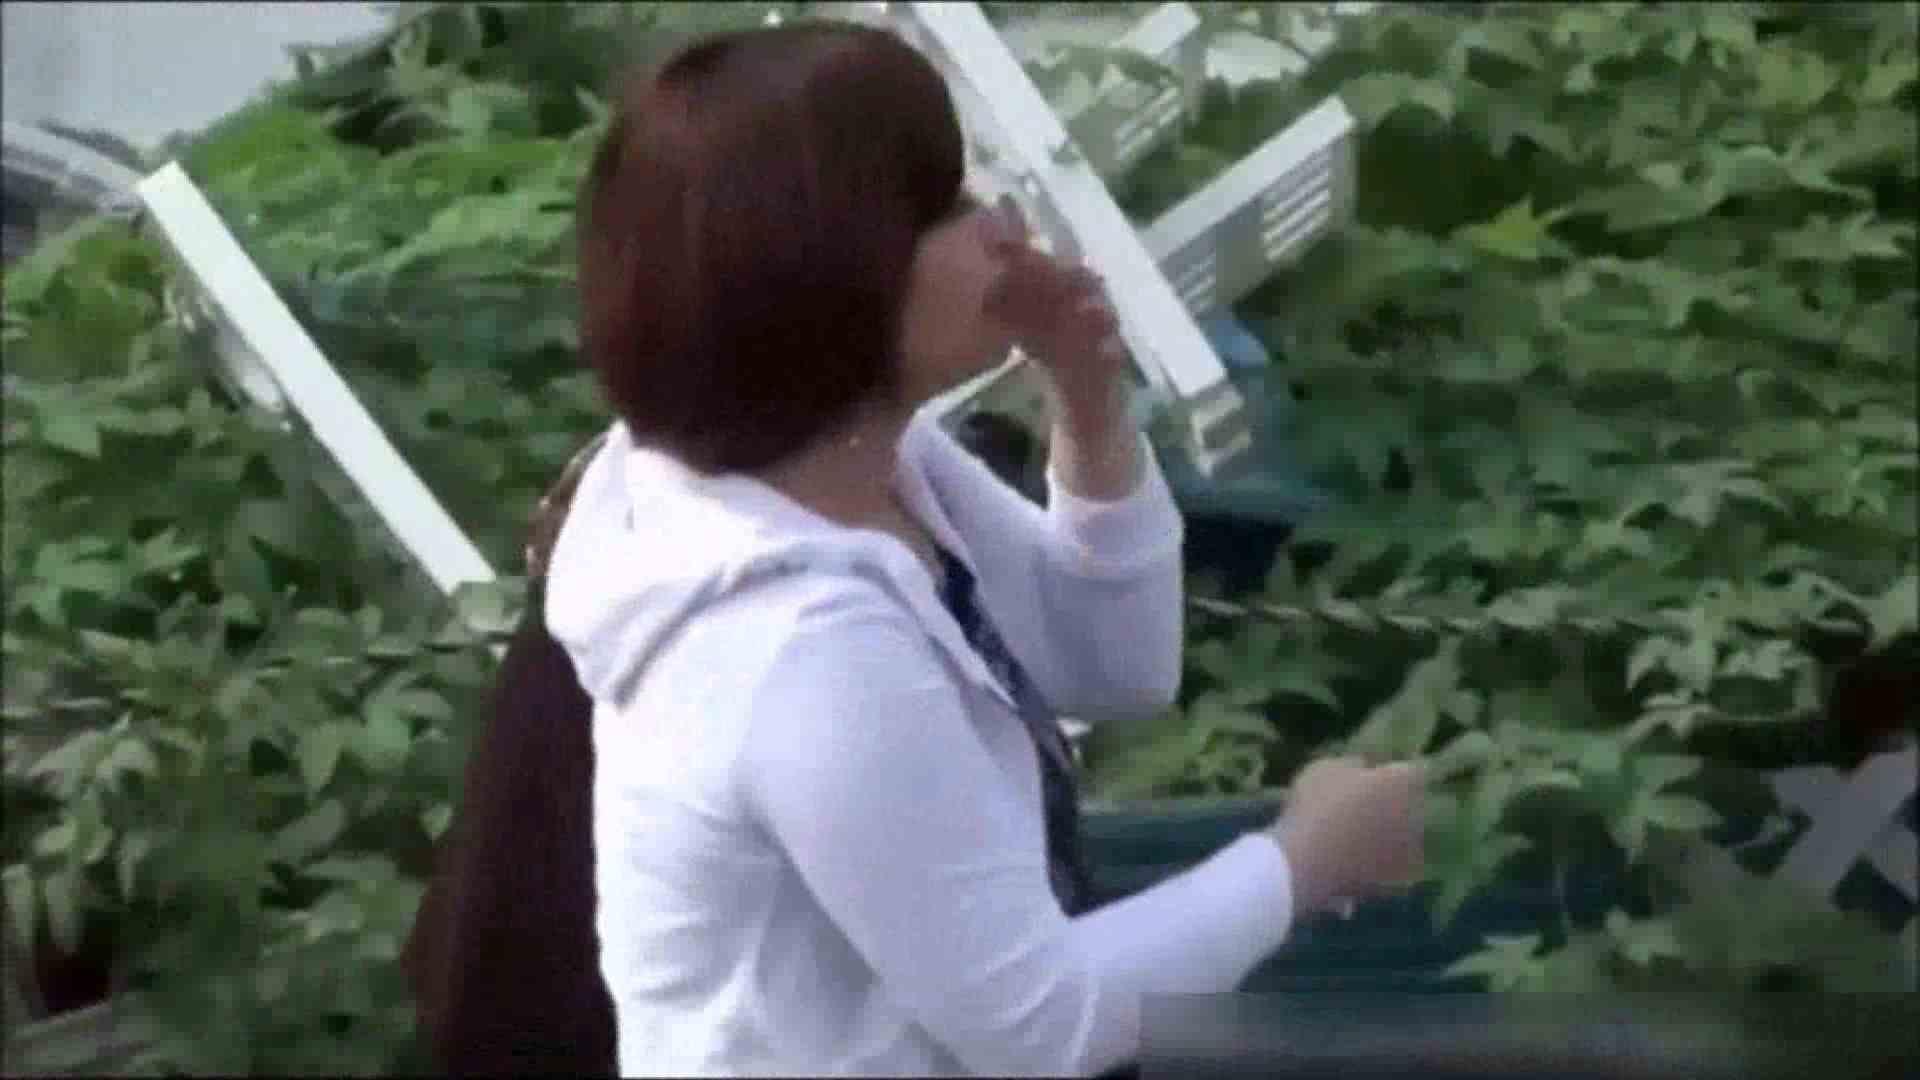 洗面所盗撮~隣の美人お姉さんVol.11 洗面所突入 ワレメ動画紹介 106pic 76